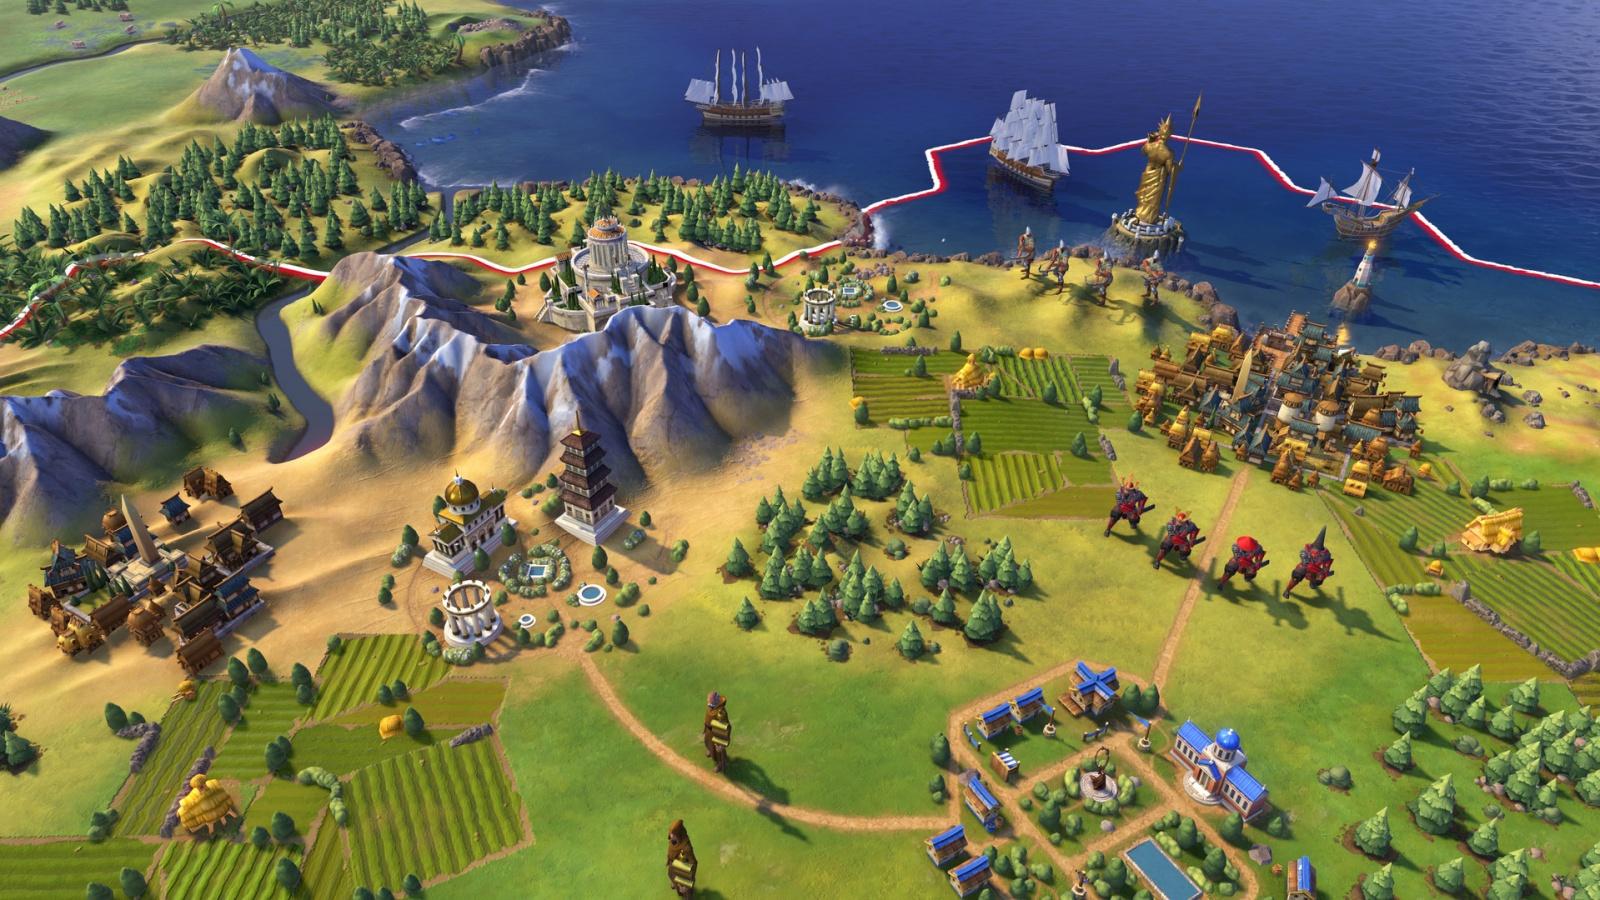 Неожиданный анонс Civilization VI: игра выйдет уже 21 октября (+видео) - 2